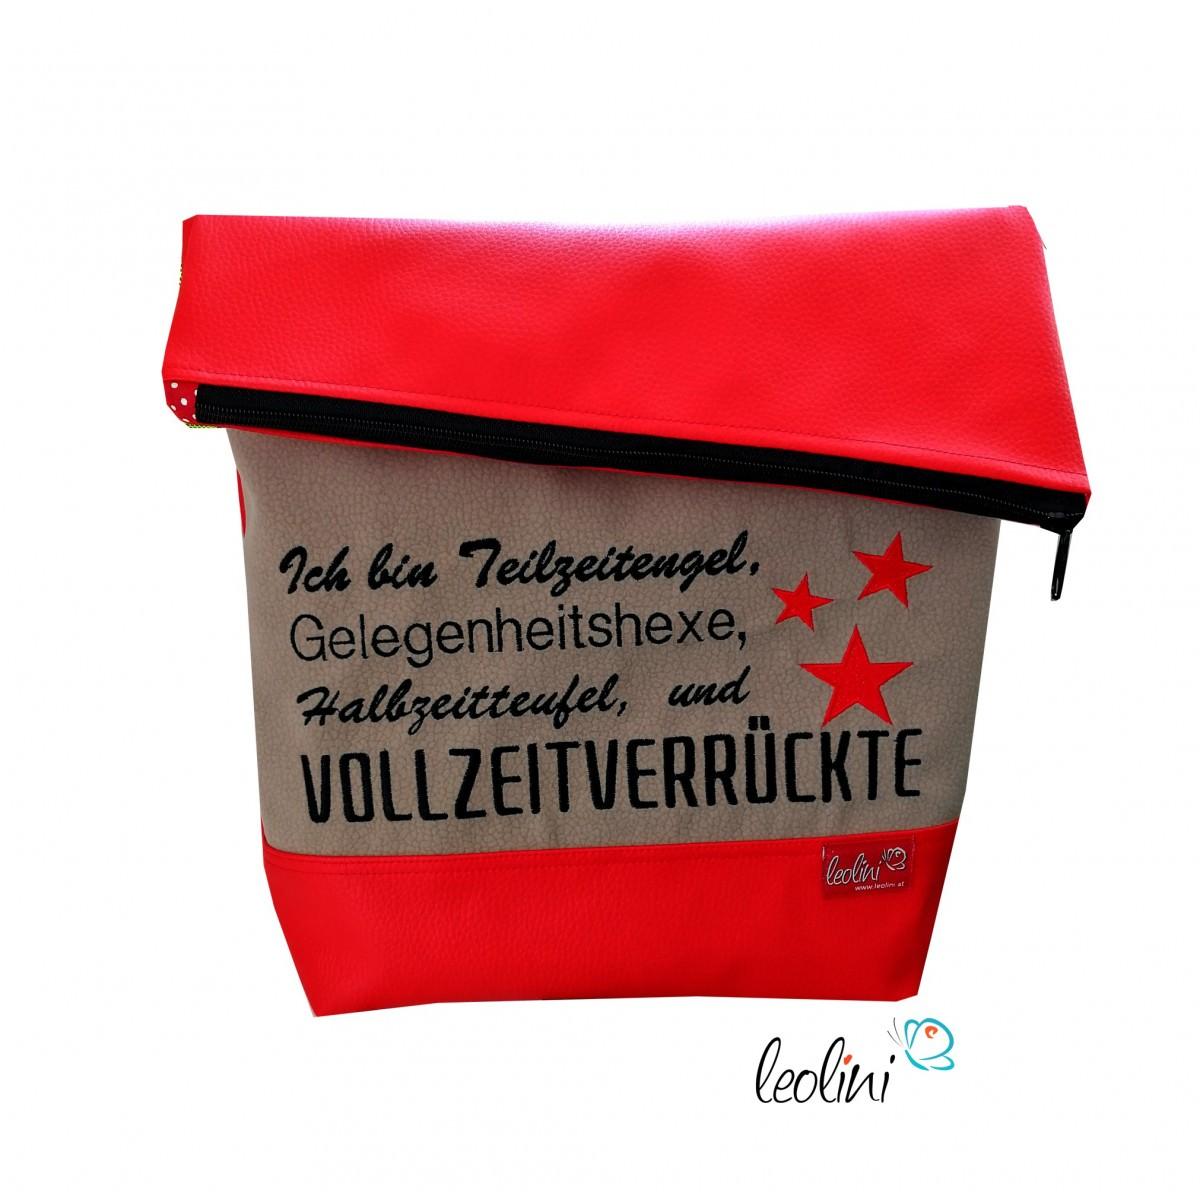 Foldover Tasche Spruch Vollverrückte  - handgemachte Kunstledertasche